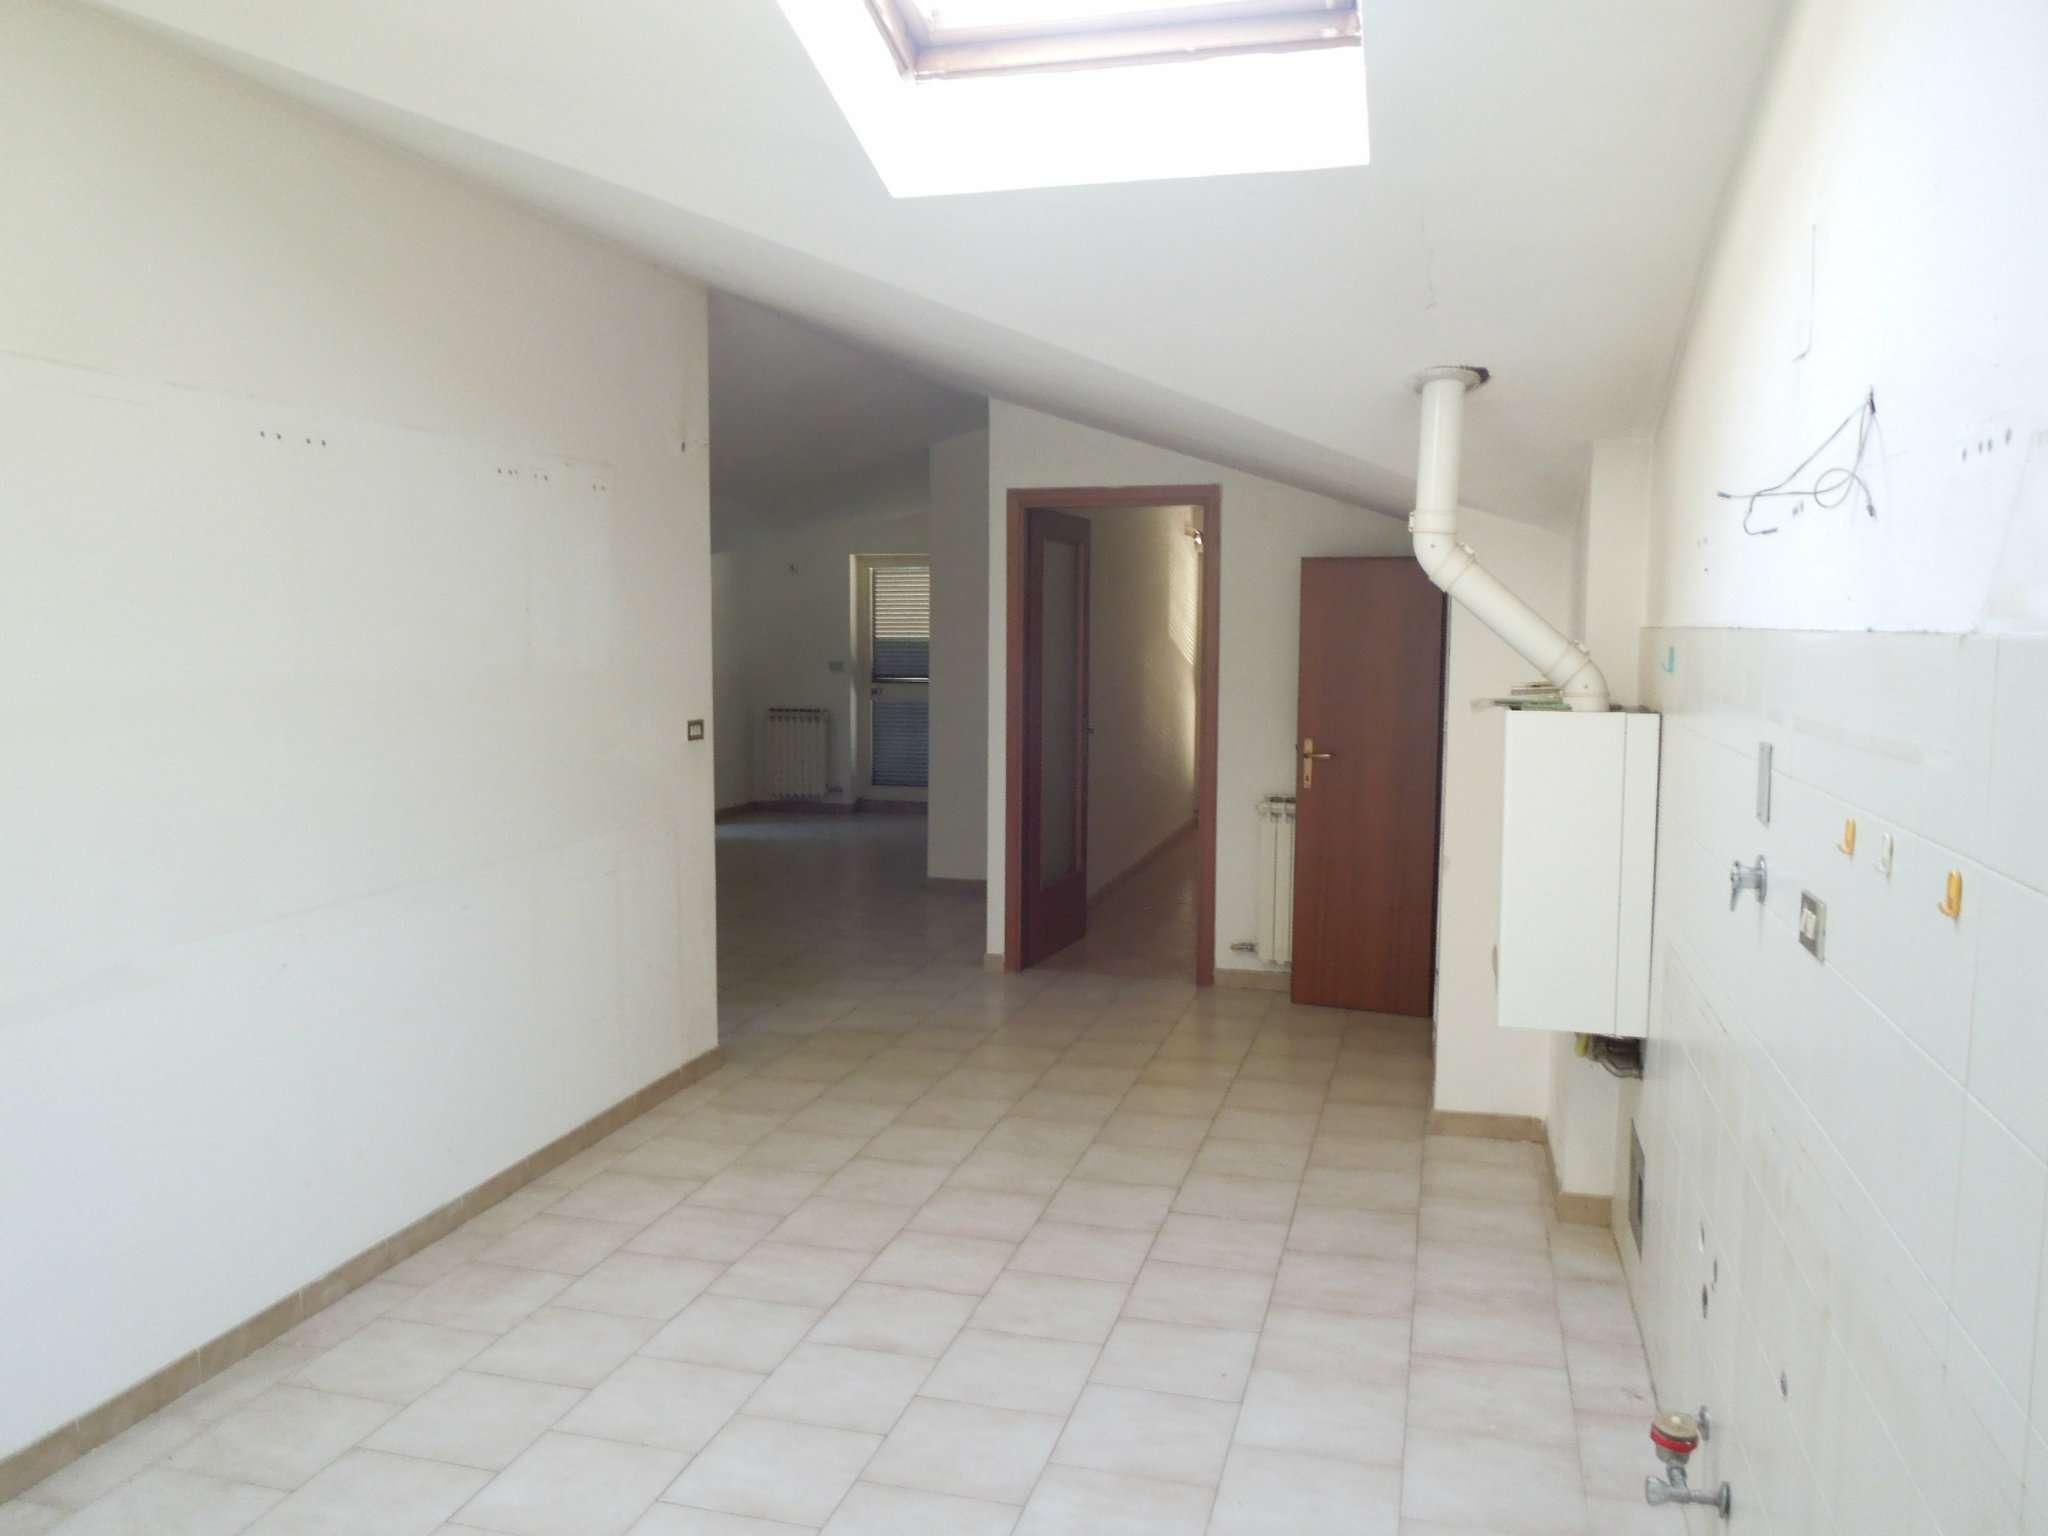 Appartamento in affitto a Brandizzo, 4 locali, prezzo € 450 | PortaleAgenzieImmobiliari.it